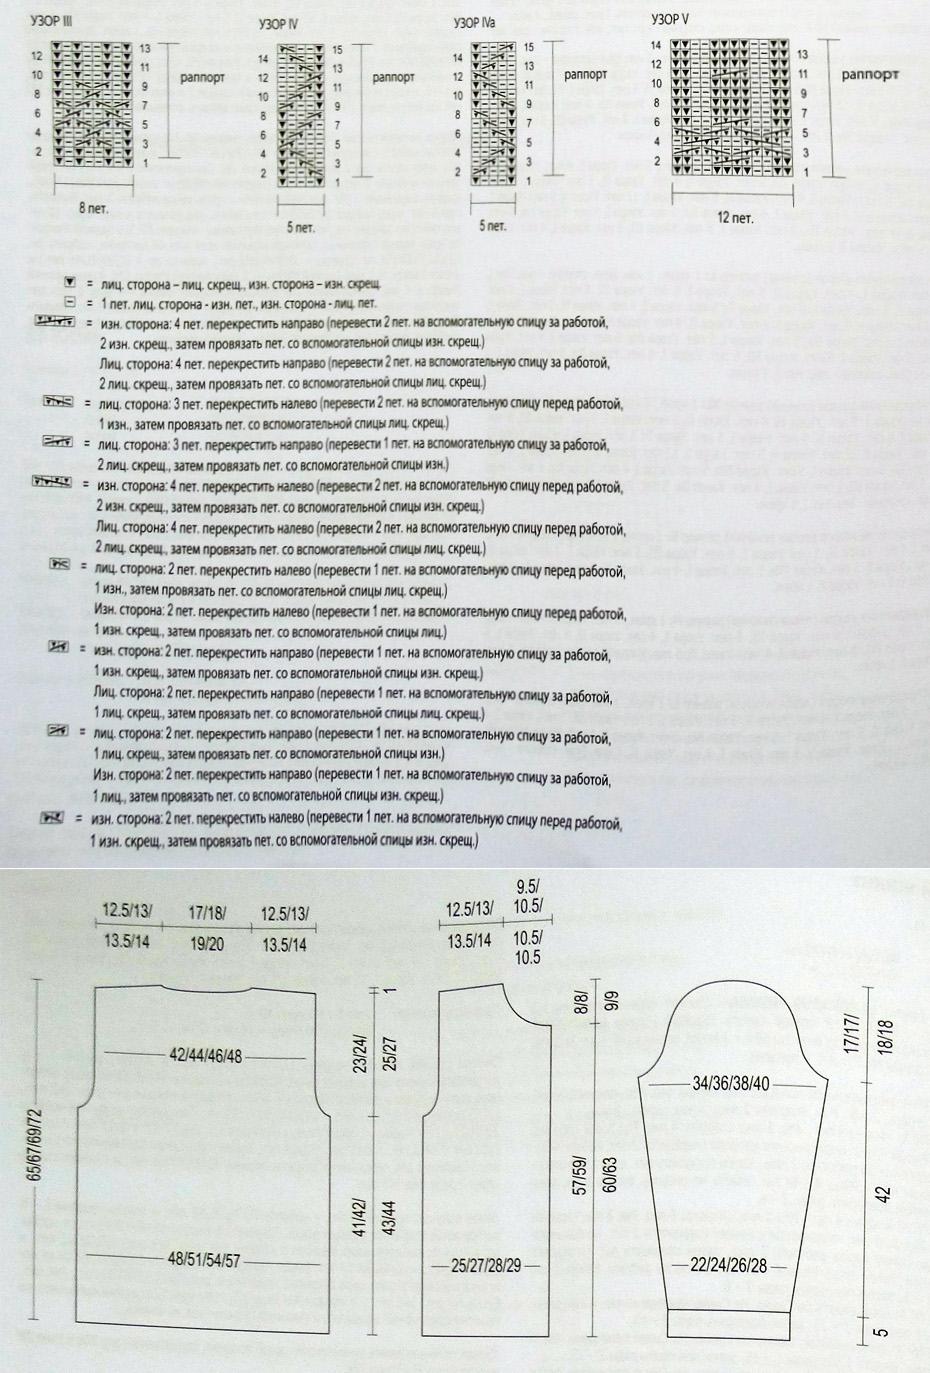 Мужской жакет на пуговицах спицами схема вязания с подробным описанием